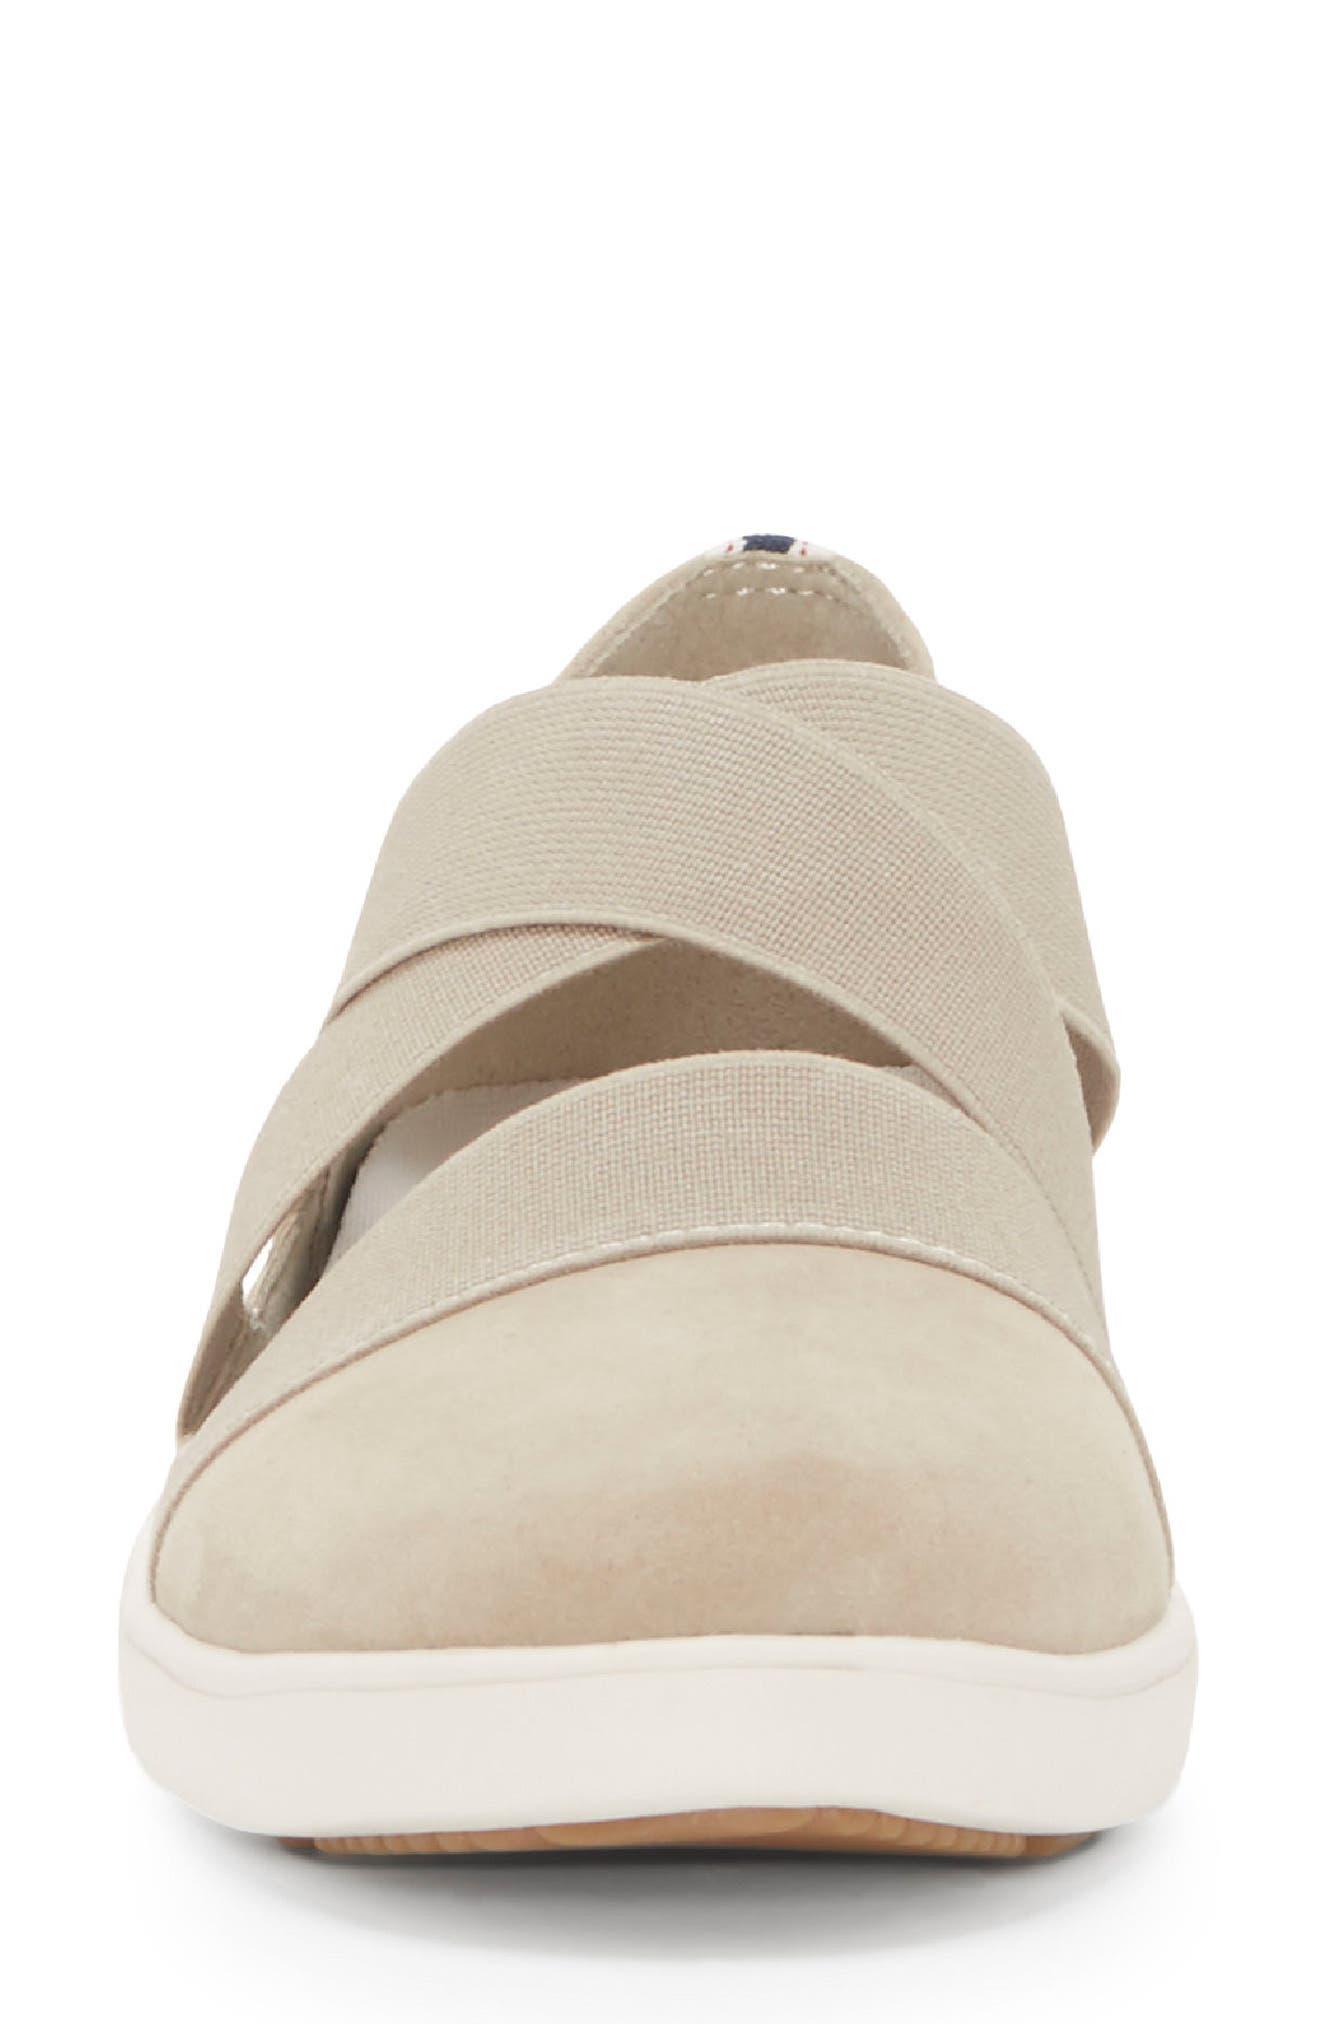 Alskara Slip-On Sneaker Flat,                             Alternate thumbnail 4, color,                             BRINDLE SUEDE